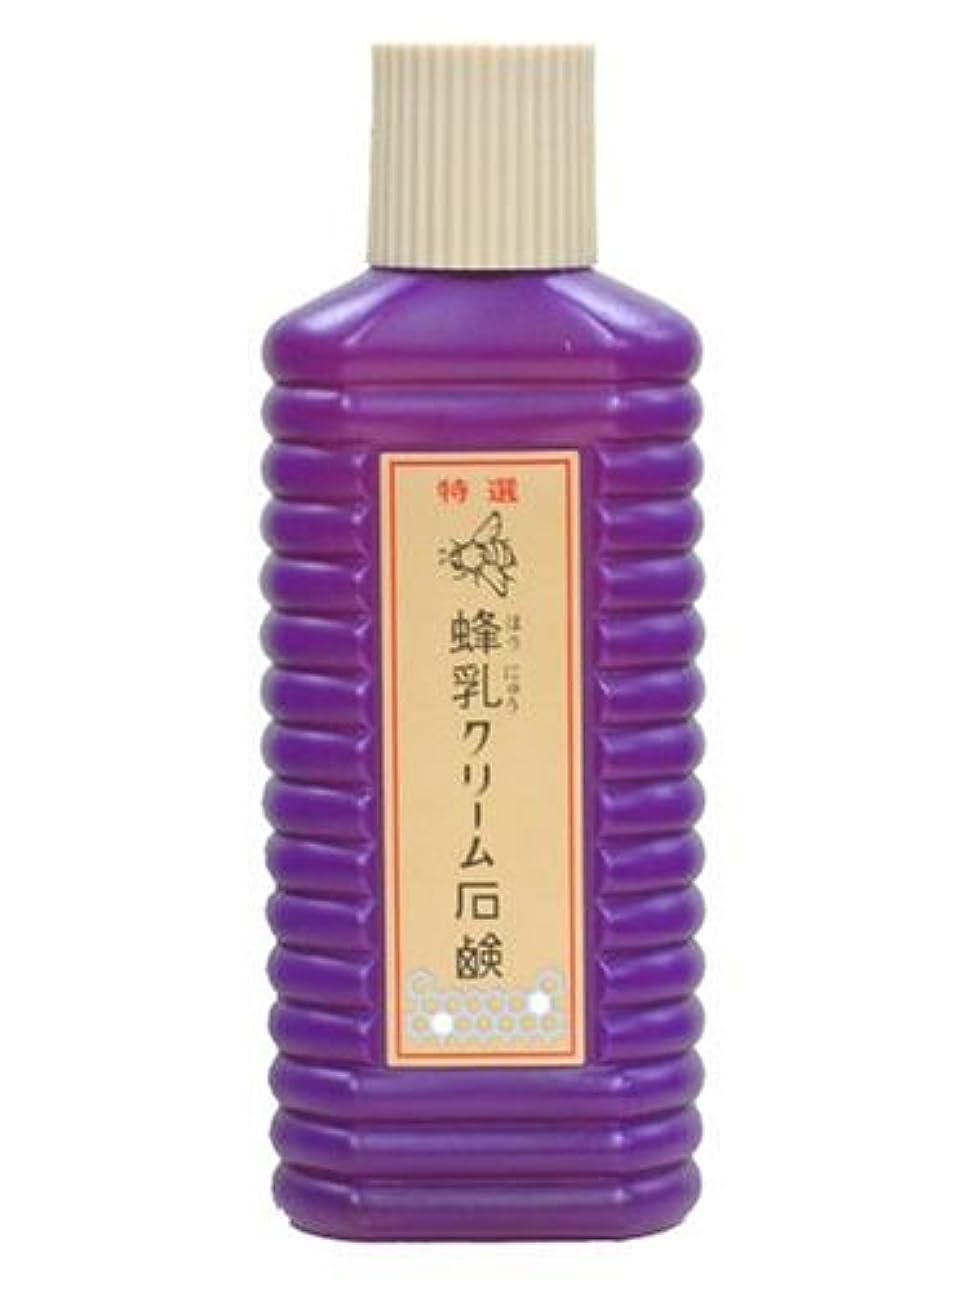 ボア皮肉な調べる蜂乳 クリーム石鹸(大) 200CC